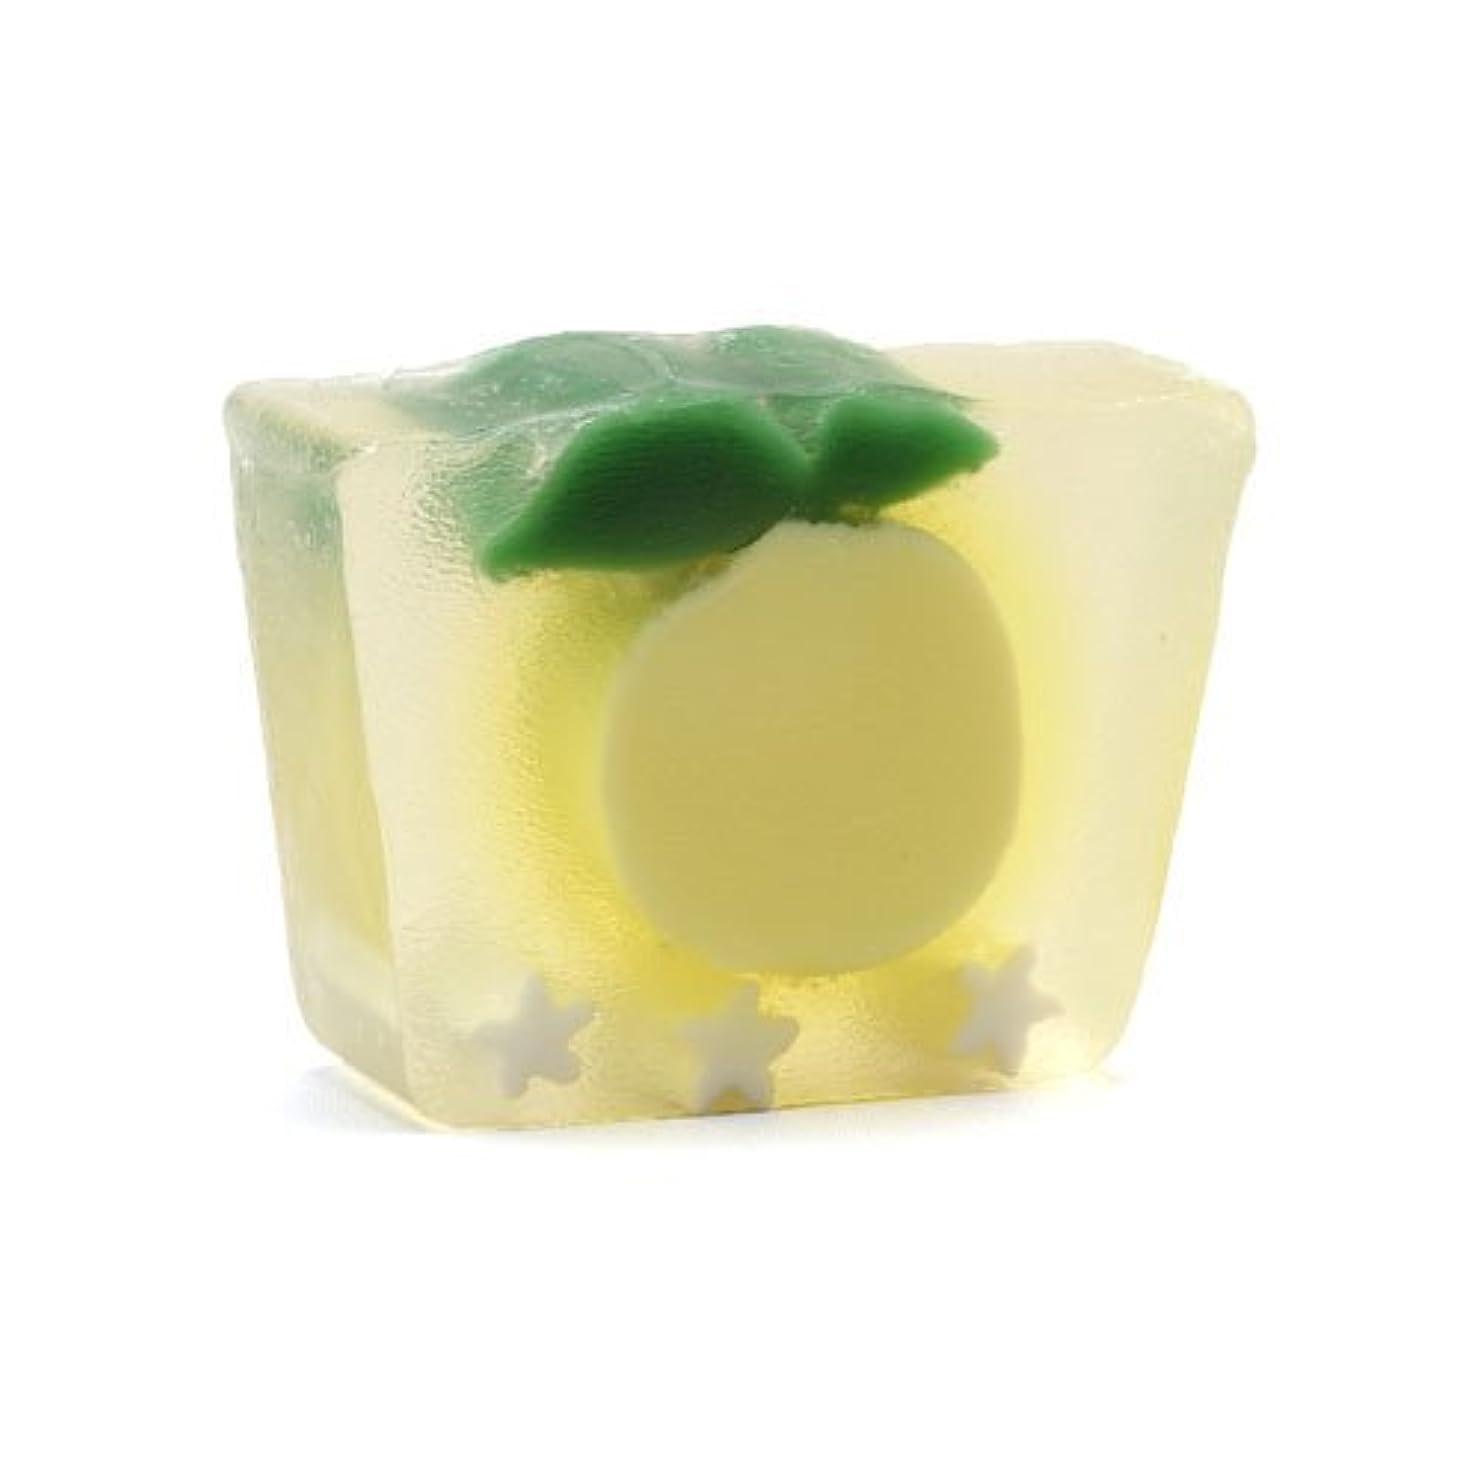 花瓶適用済み絶え間ないプライモールエレメンツ アロマティック ミニソープ カリフォルニアレモン 80g 植物性 ナチュラル 石鹸 無添加